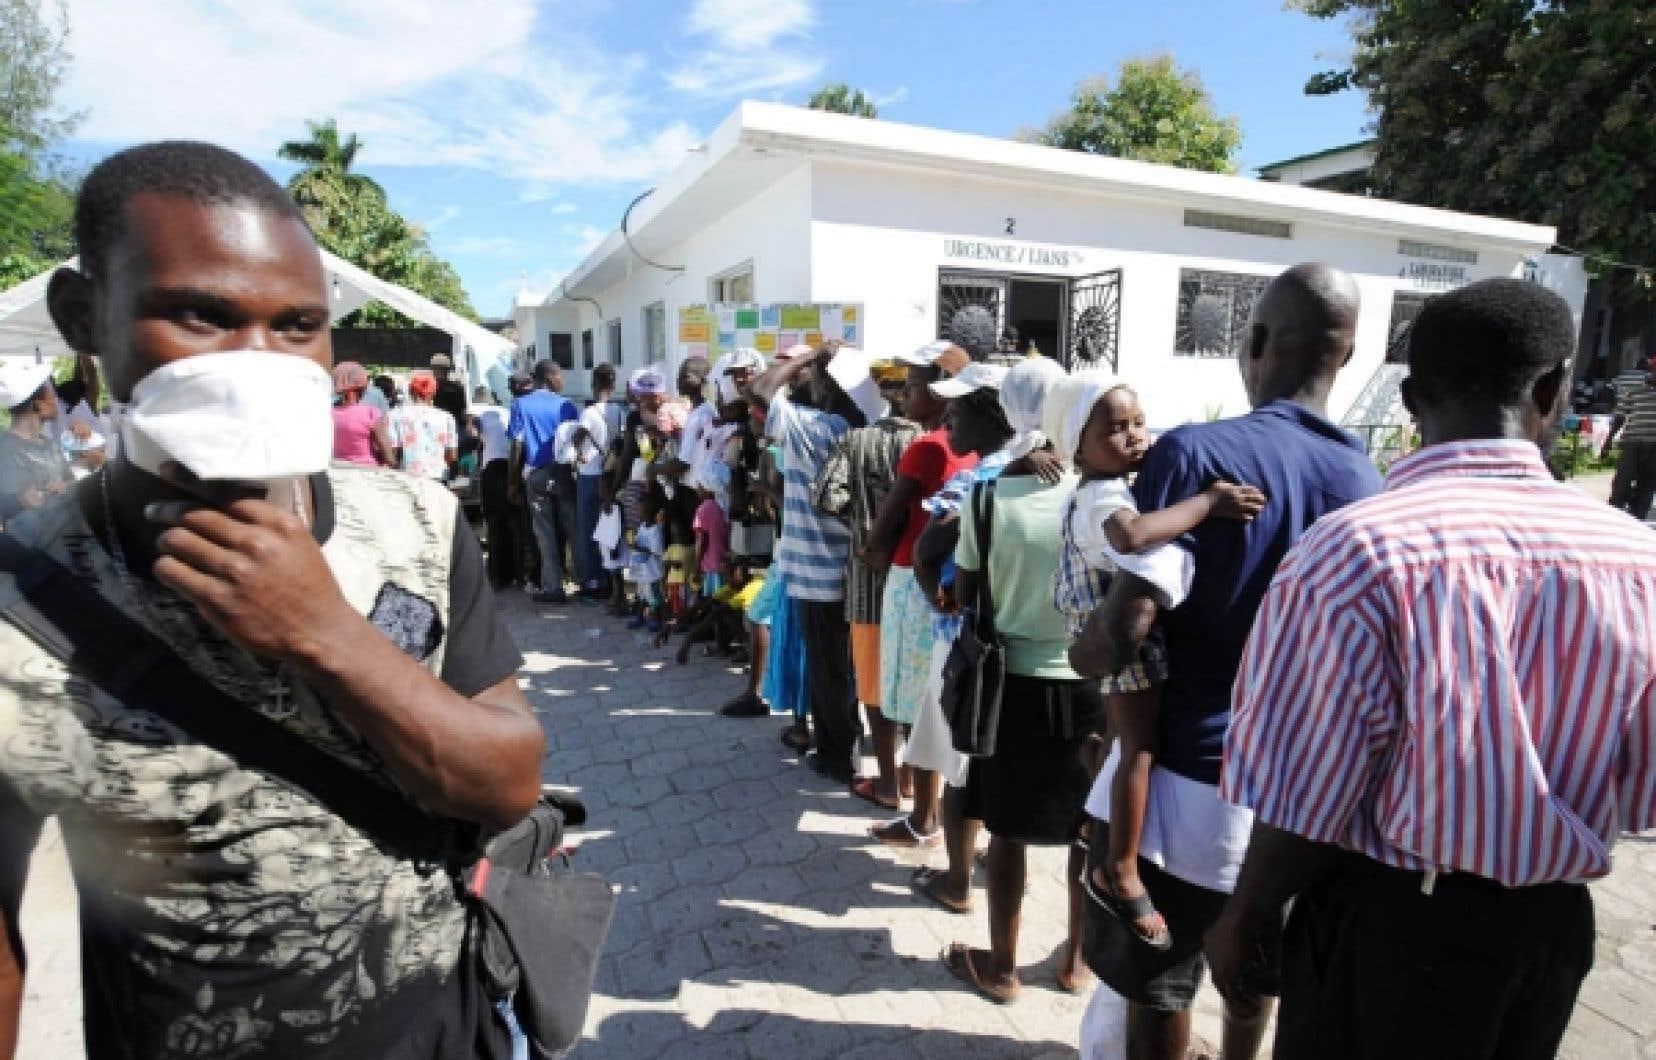 Mieux vaut prévenir que guérir: hier, l'hôpital Saint-Nicolas à Saint-Marc, dans le nord de Port-au-Prince, était «assiégé» par des centaines d'habitants de la capitale haïtienne.